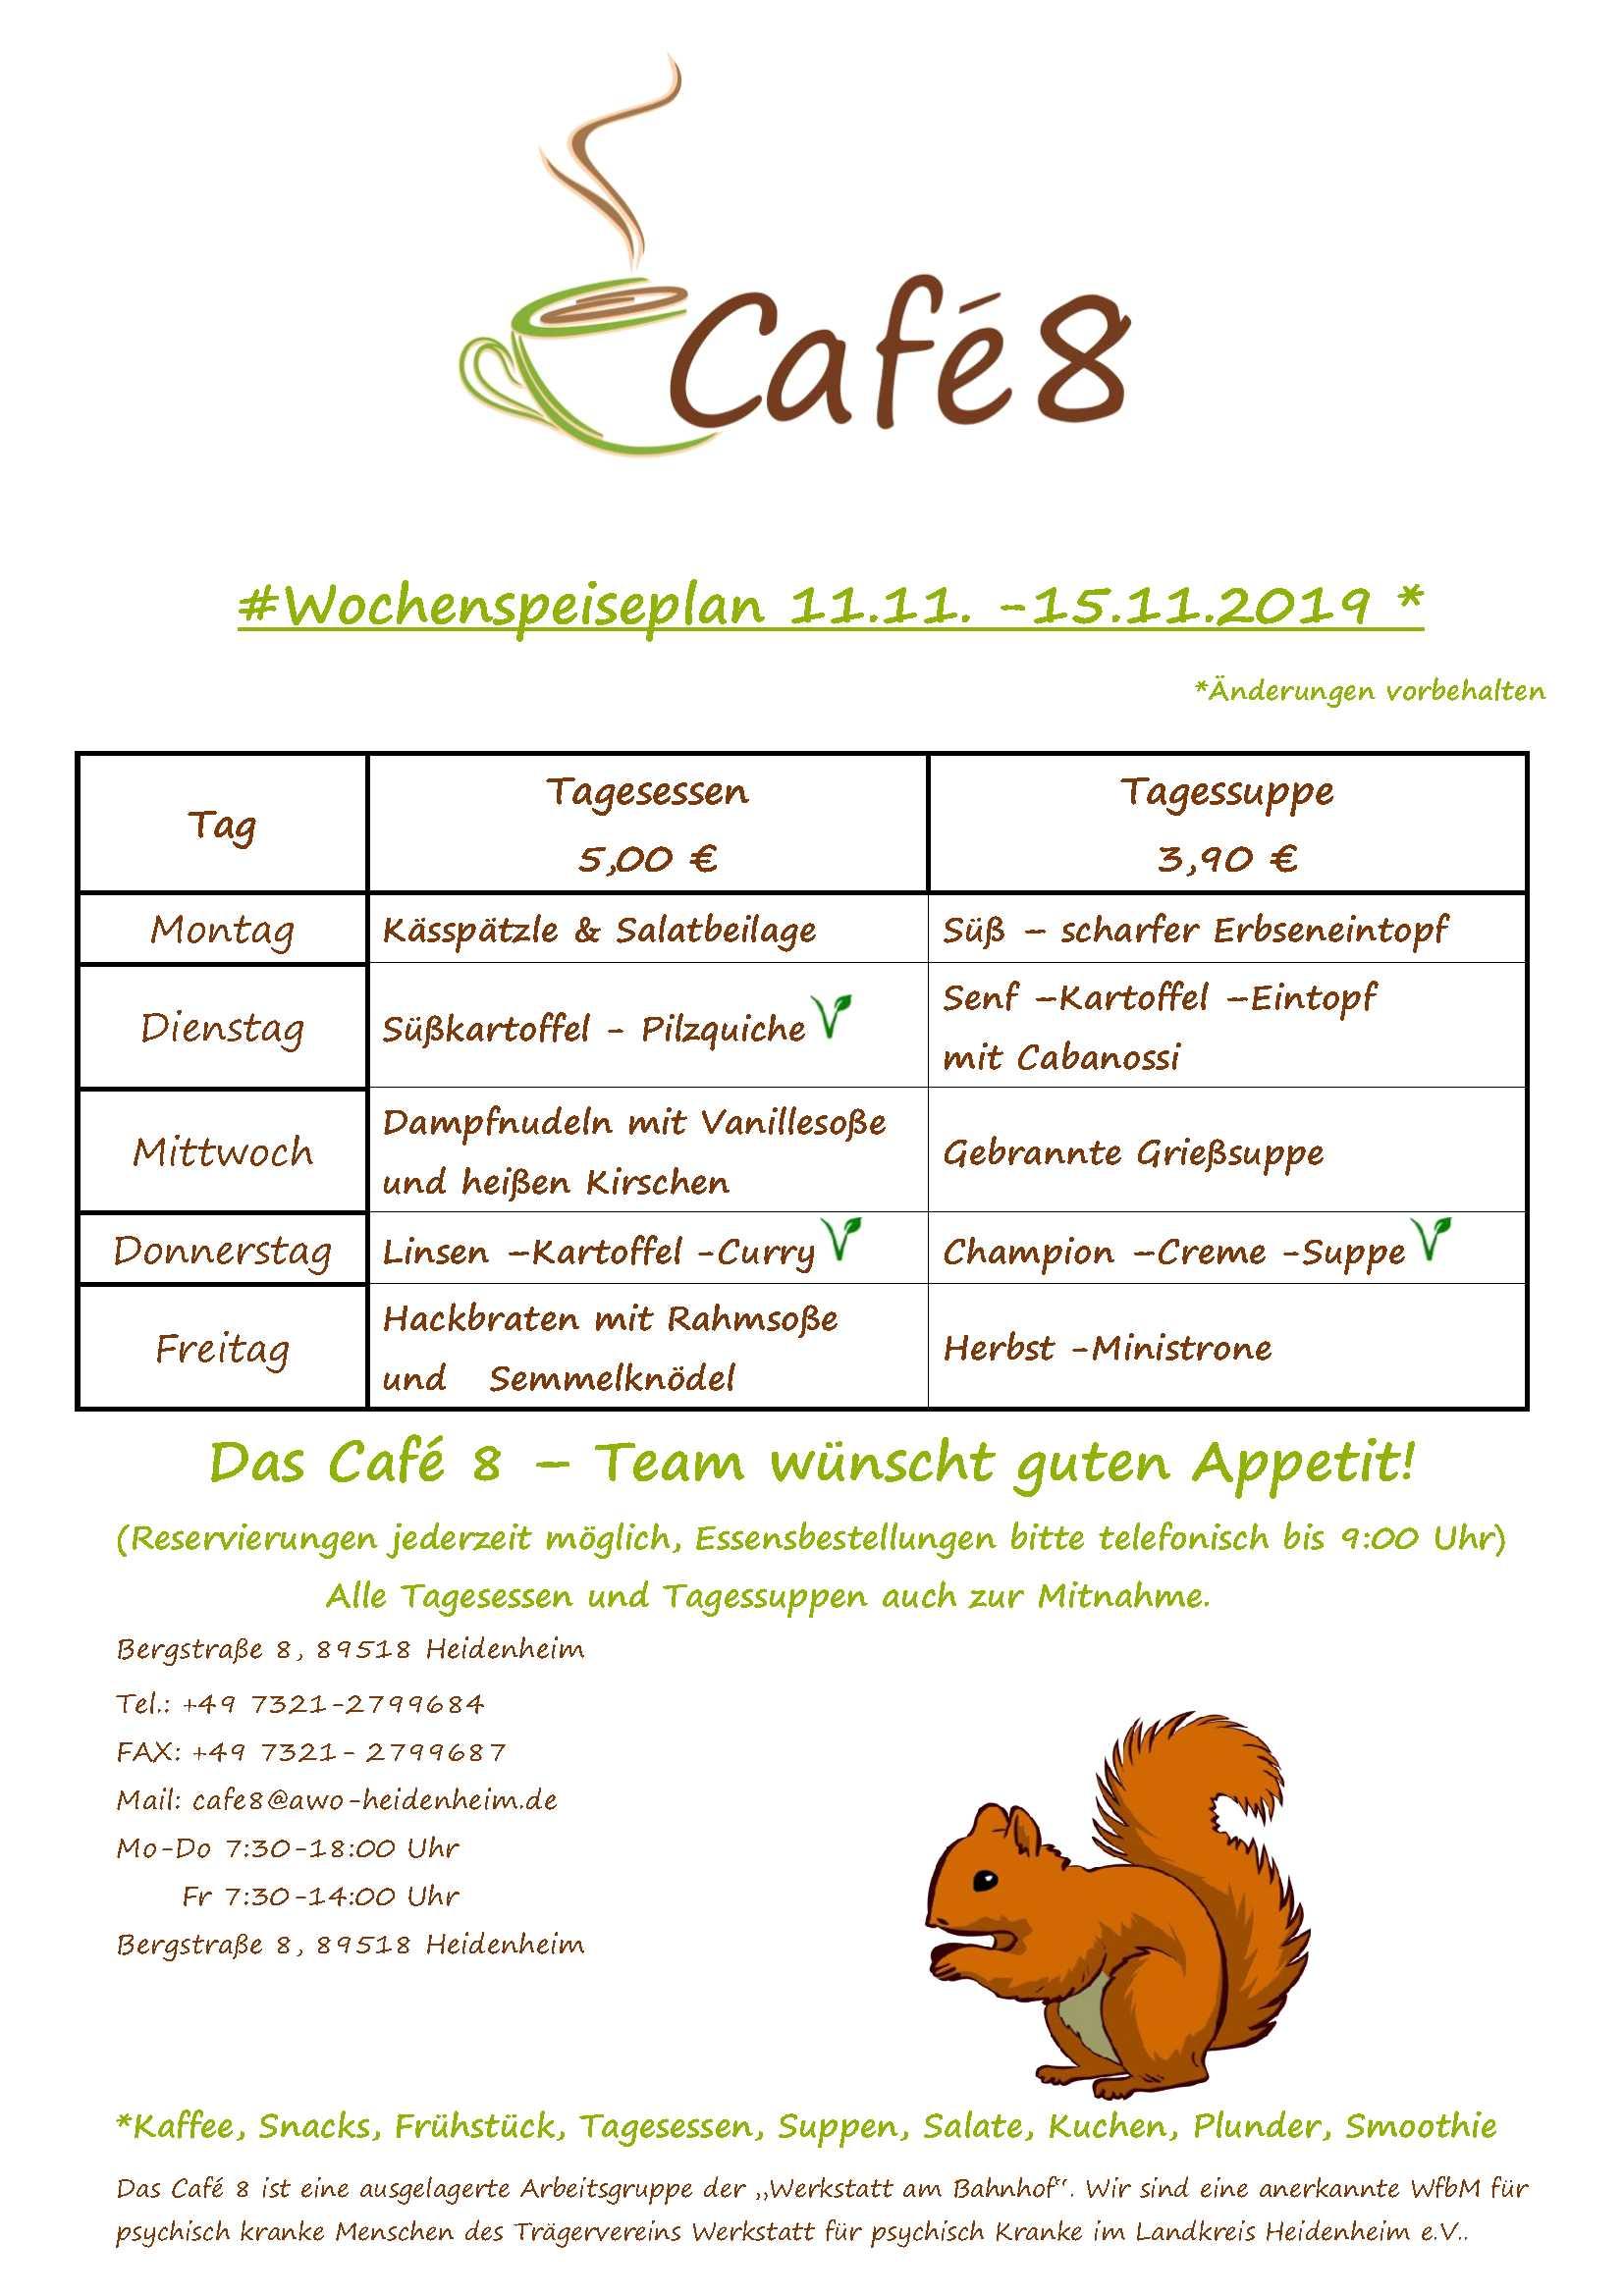 Cafe8_Wochenspeiseplan_KW46-19